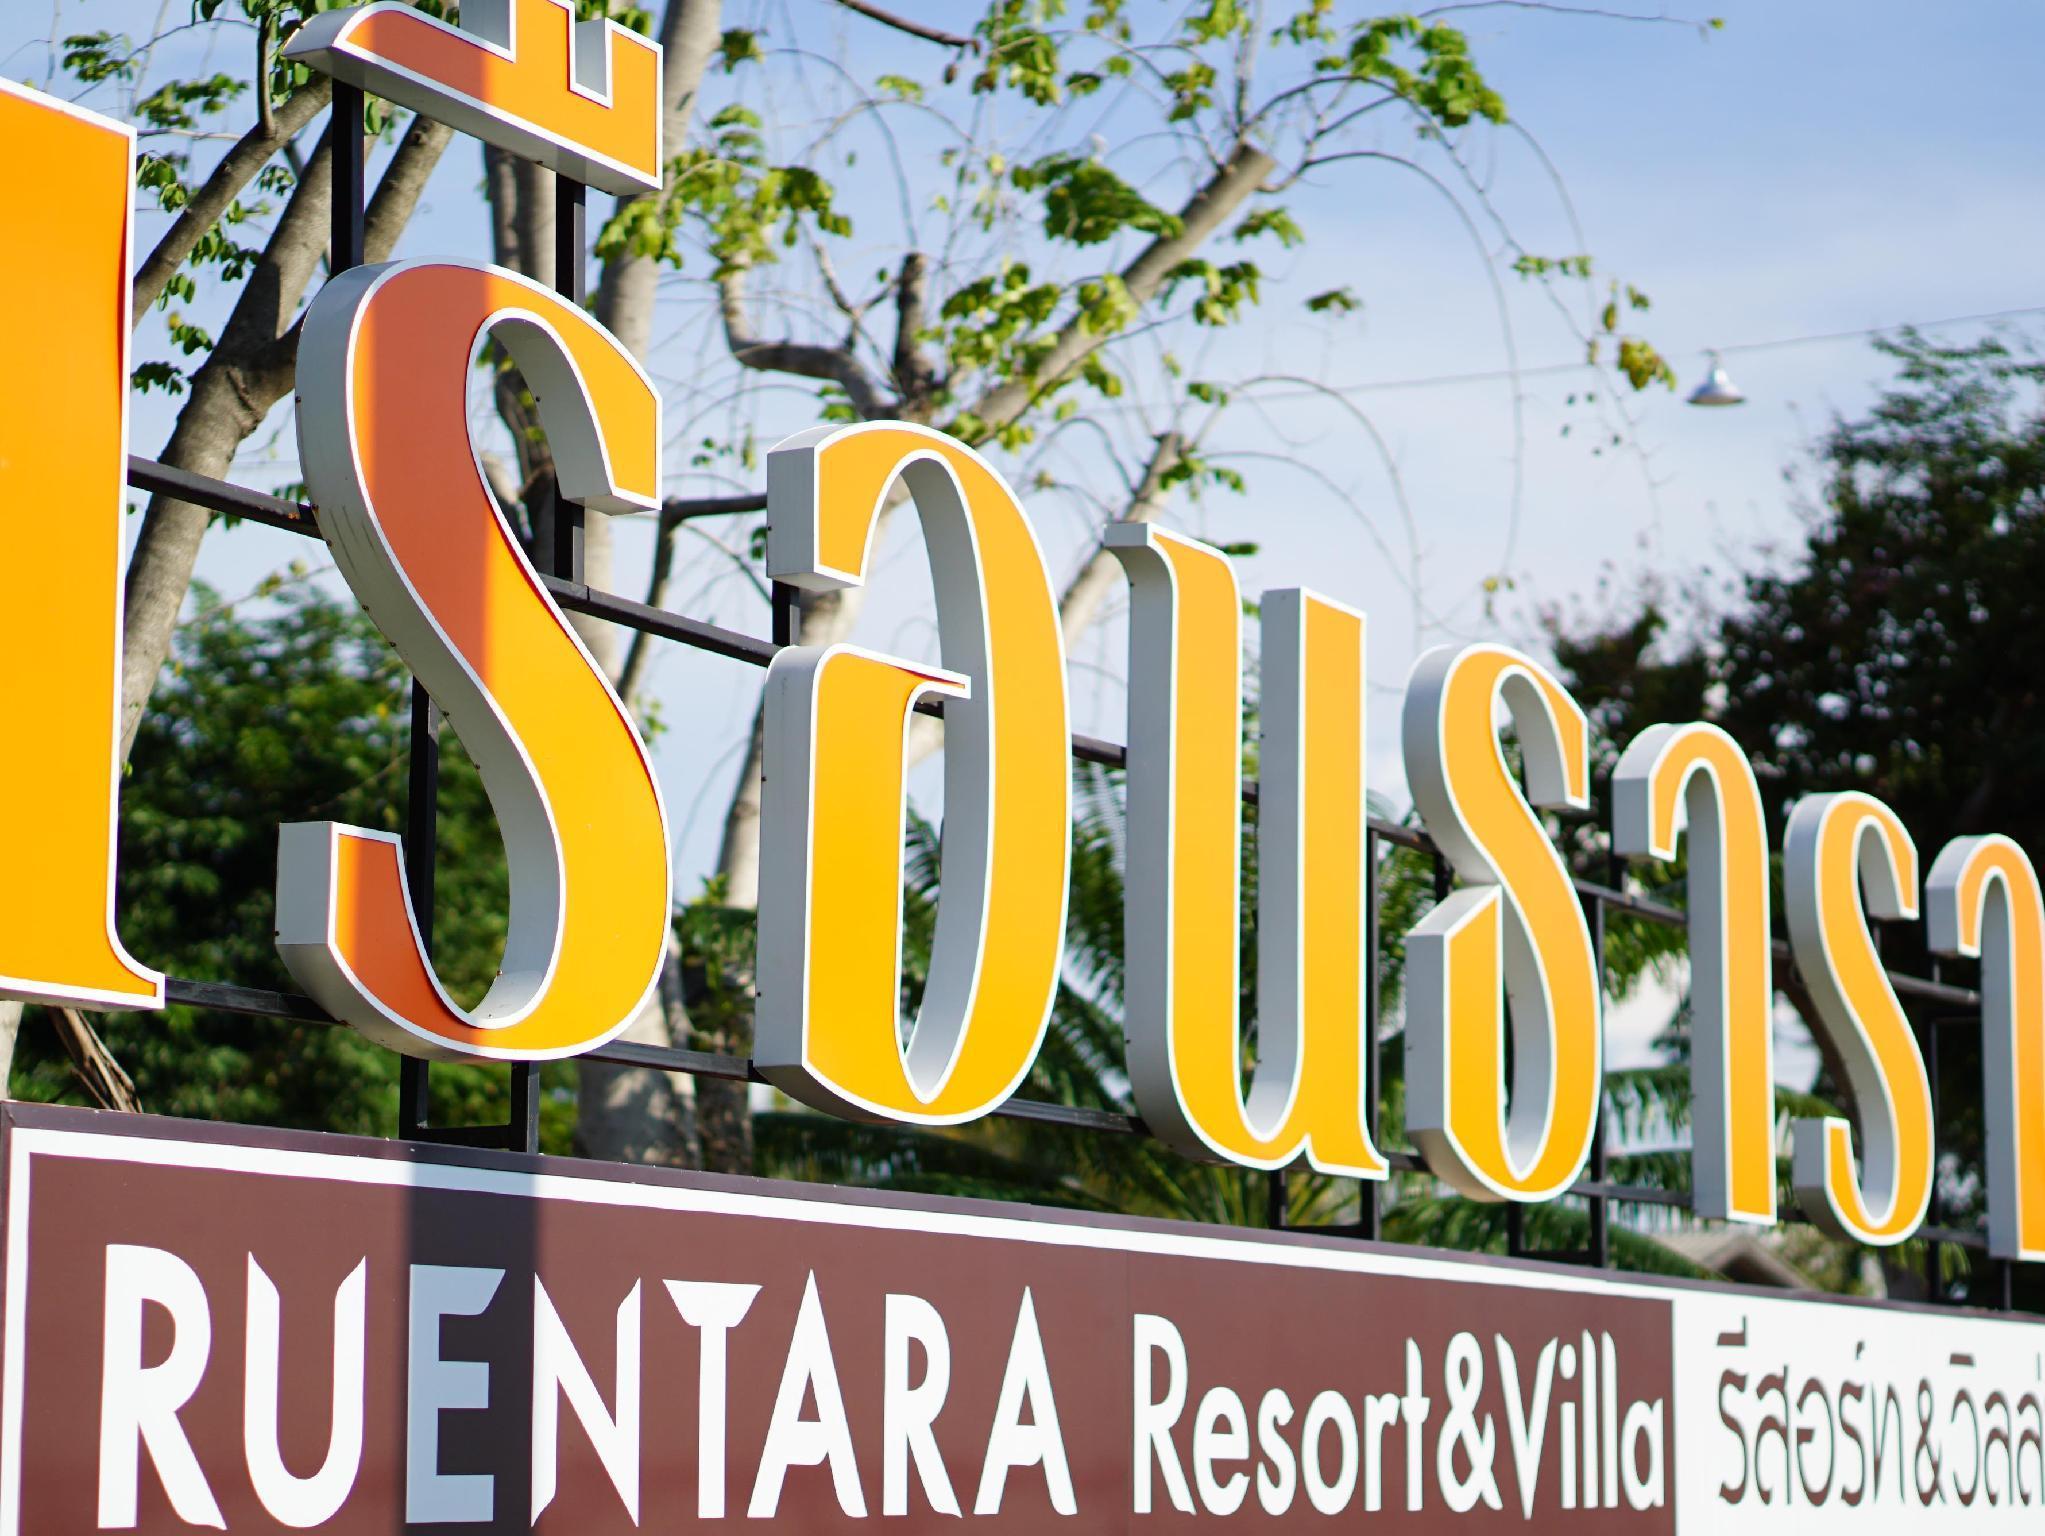 Ruentara Resort Buriram เรือนธารา รีสอร์ท บุรีรัมย์